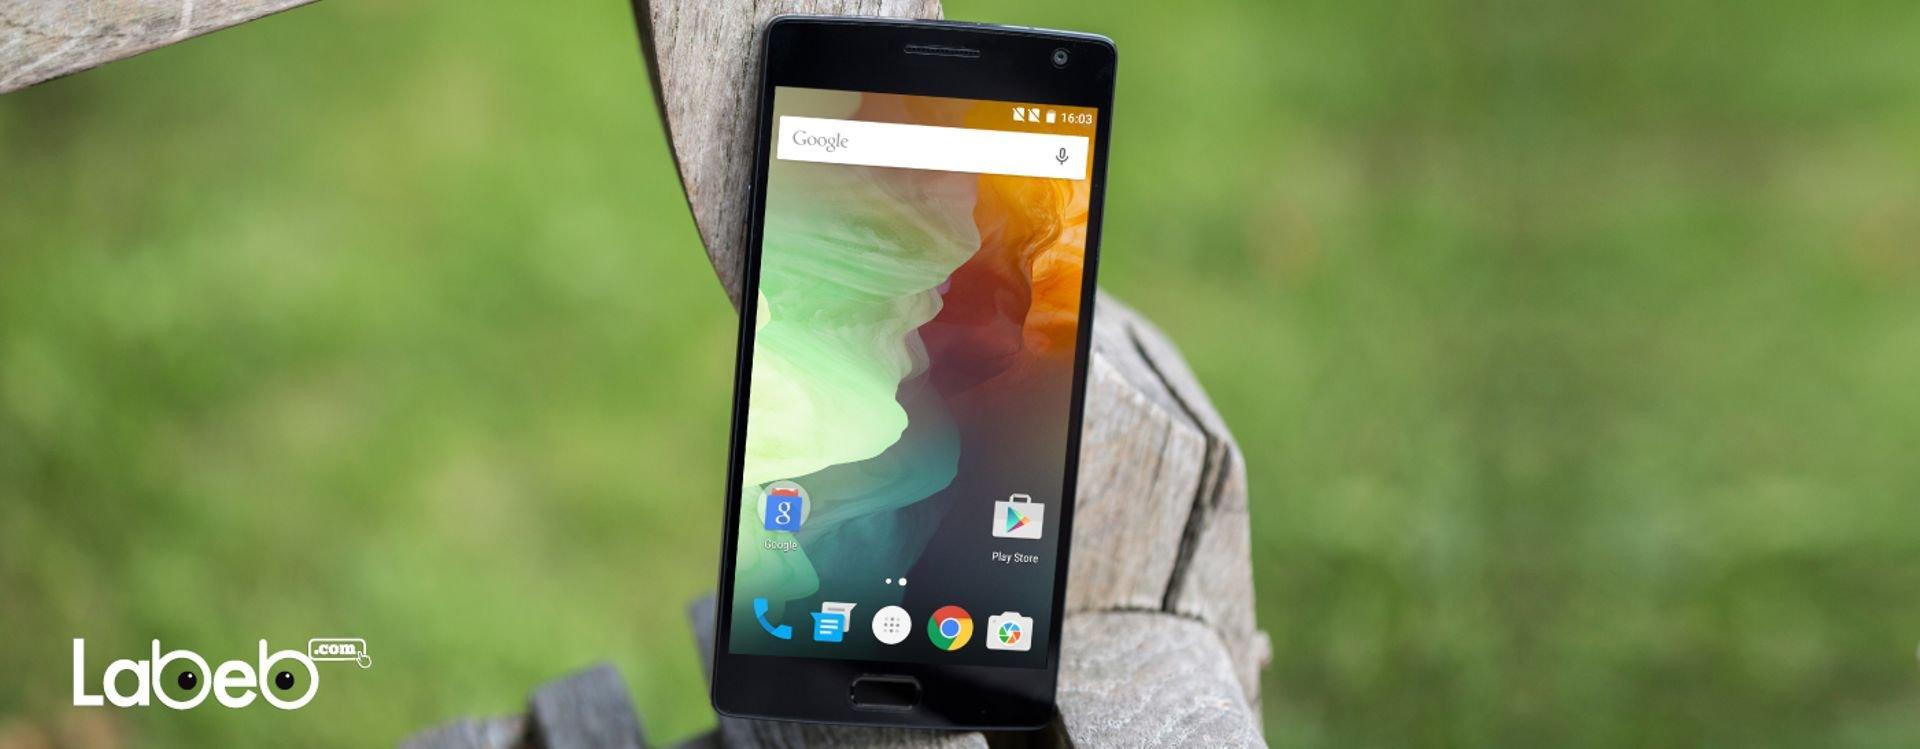 تعتبر هواتف ون بلس 2 أحد أبرز الهواتف التي أبصرت النور في الربع الثالث من العام 2015، وبأسعار في متناول الجميع2